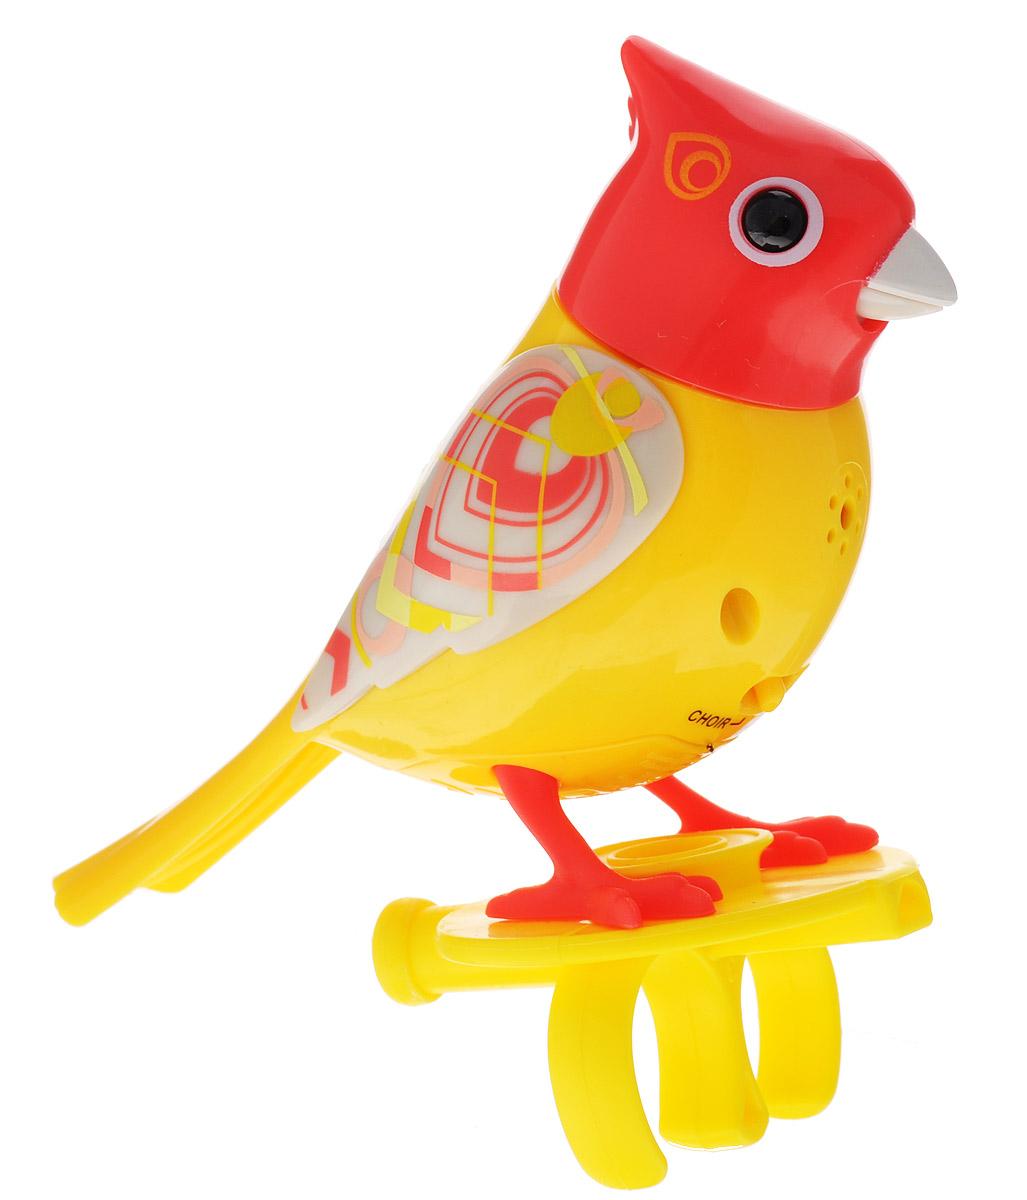 DigiFriends Интерактивная игрушка Птичка с кольцом цвет желтый оранжевый серый